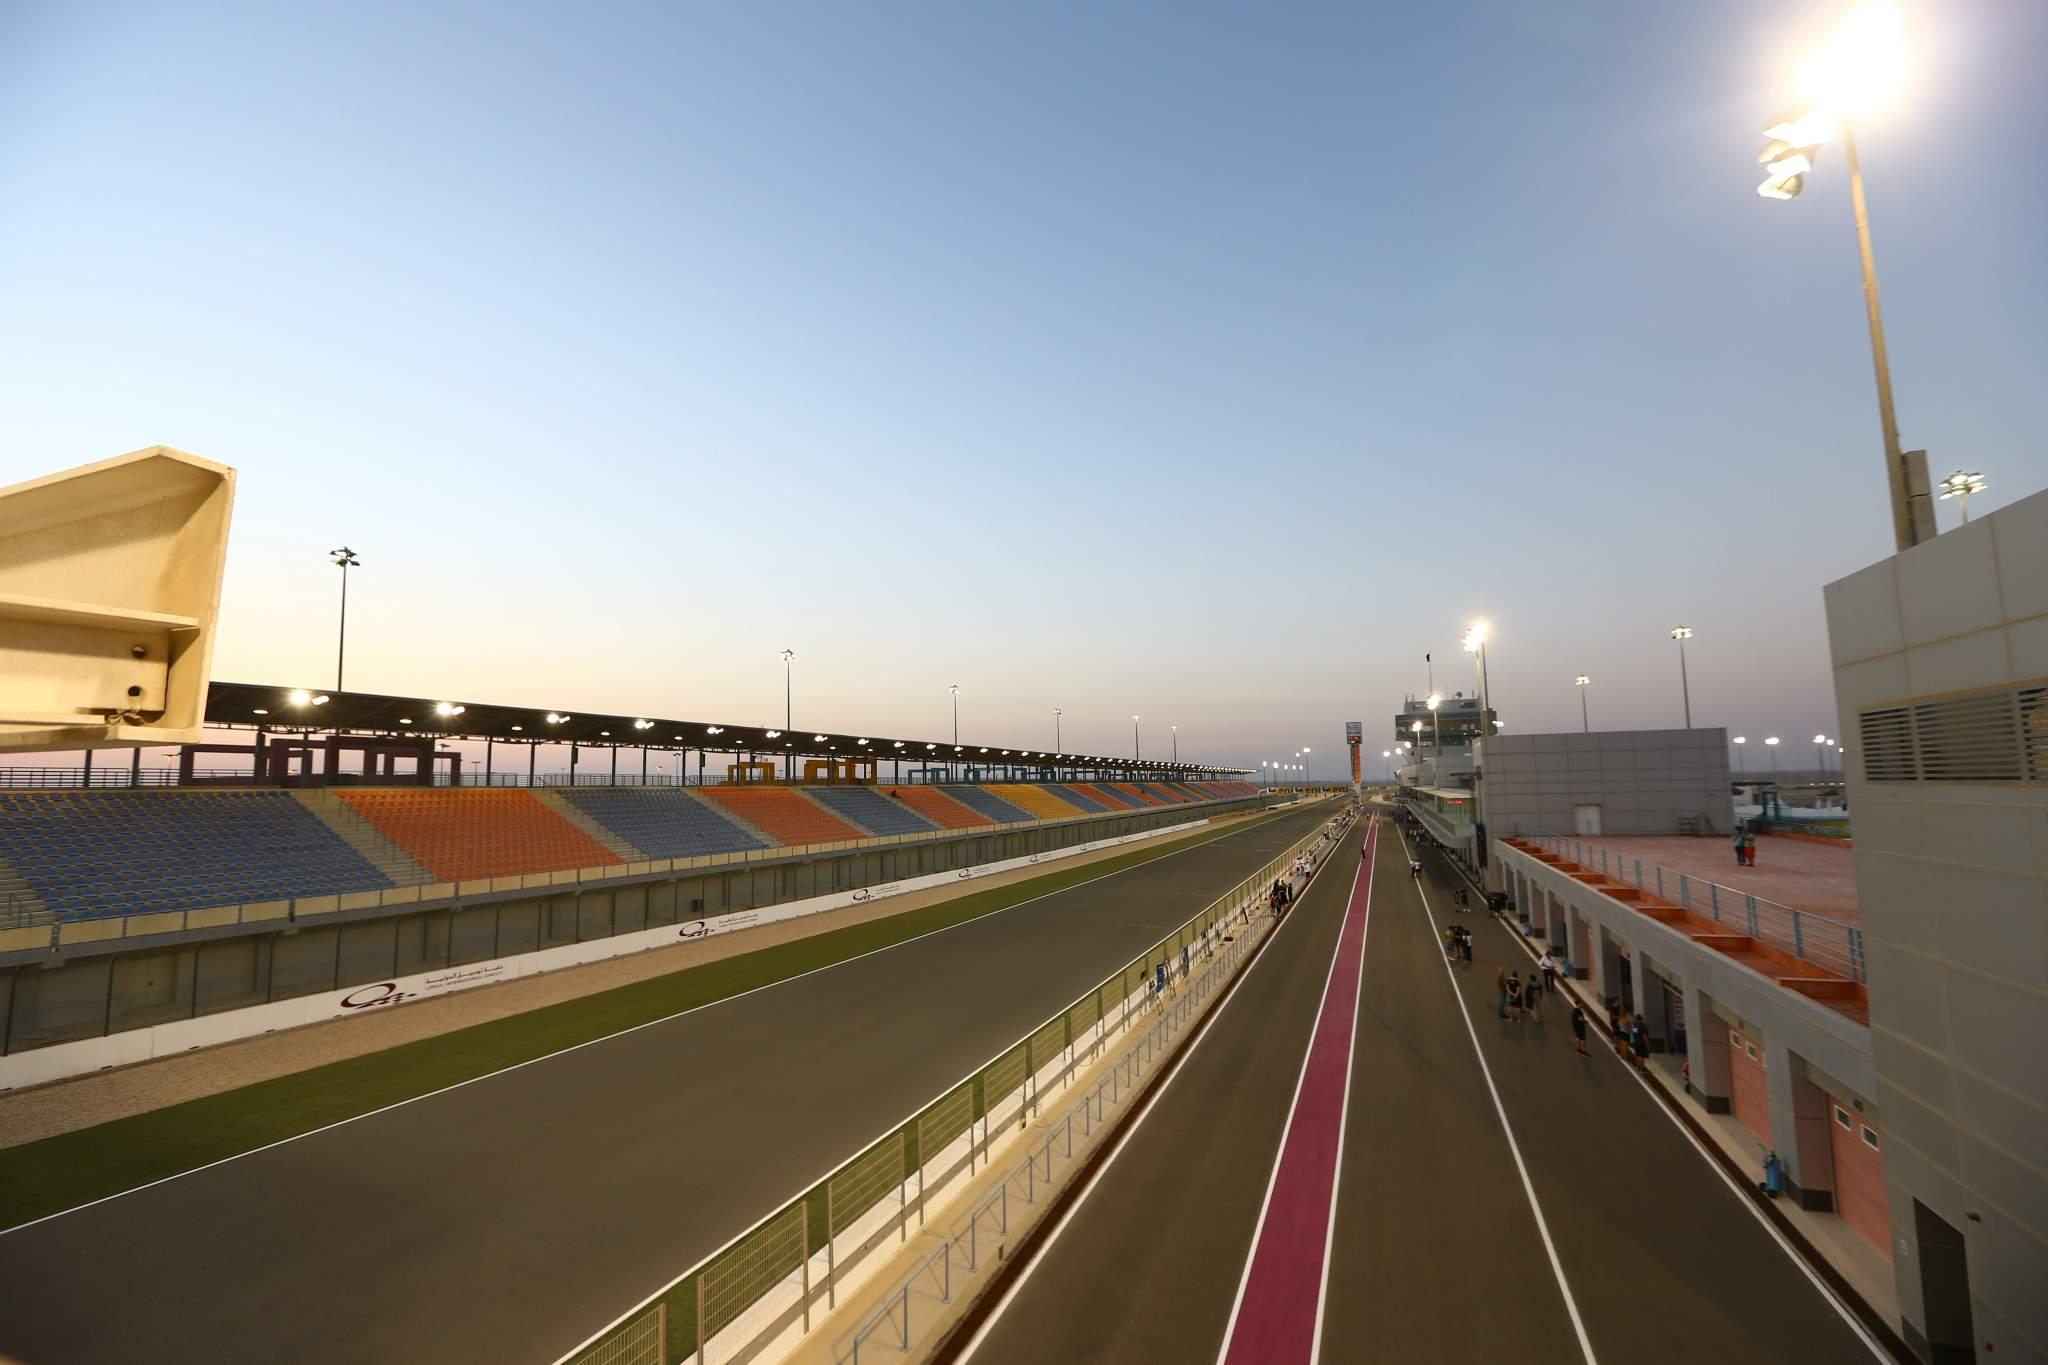 Qatar Losail track